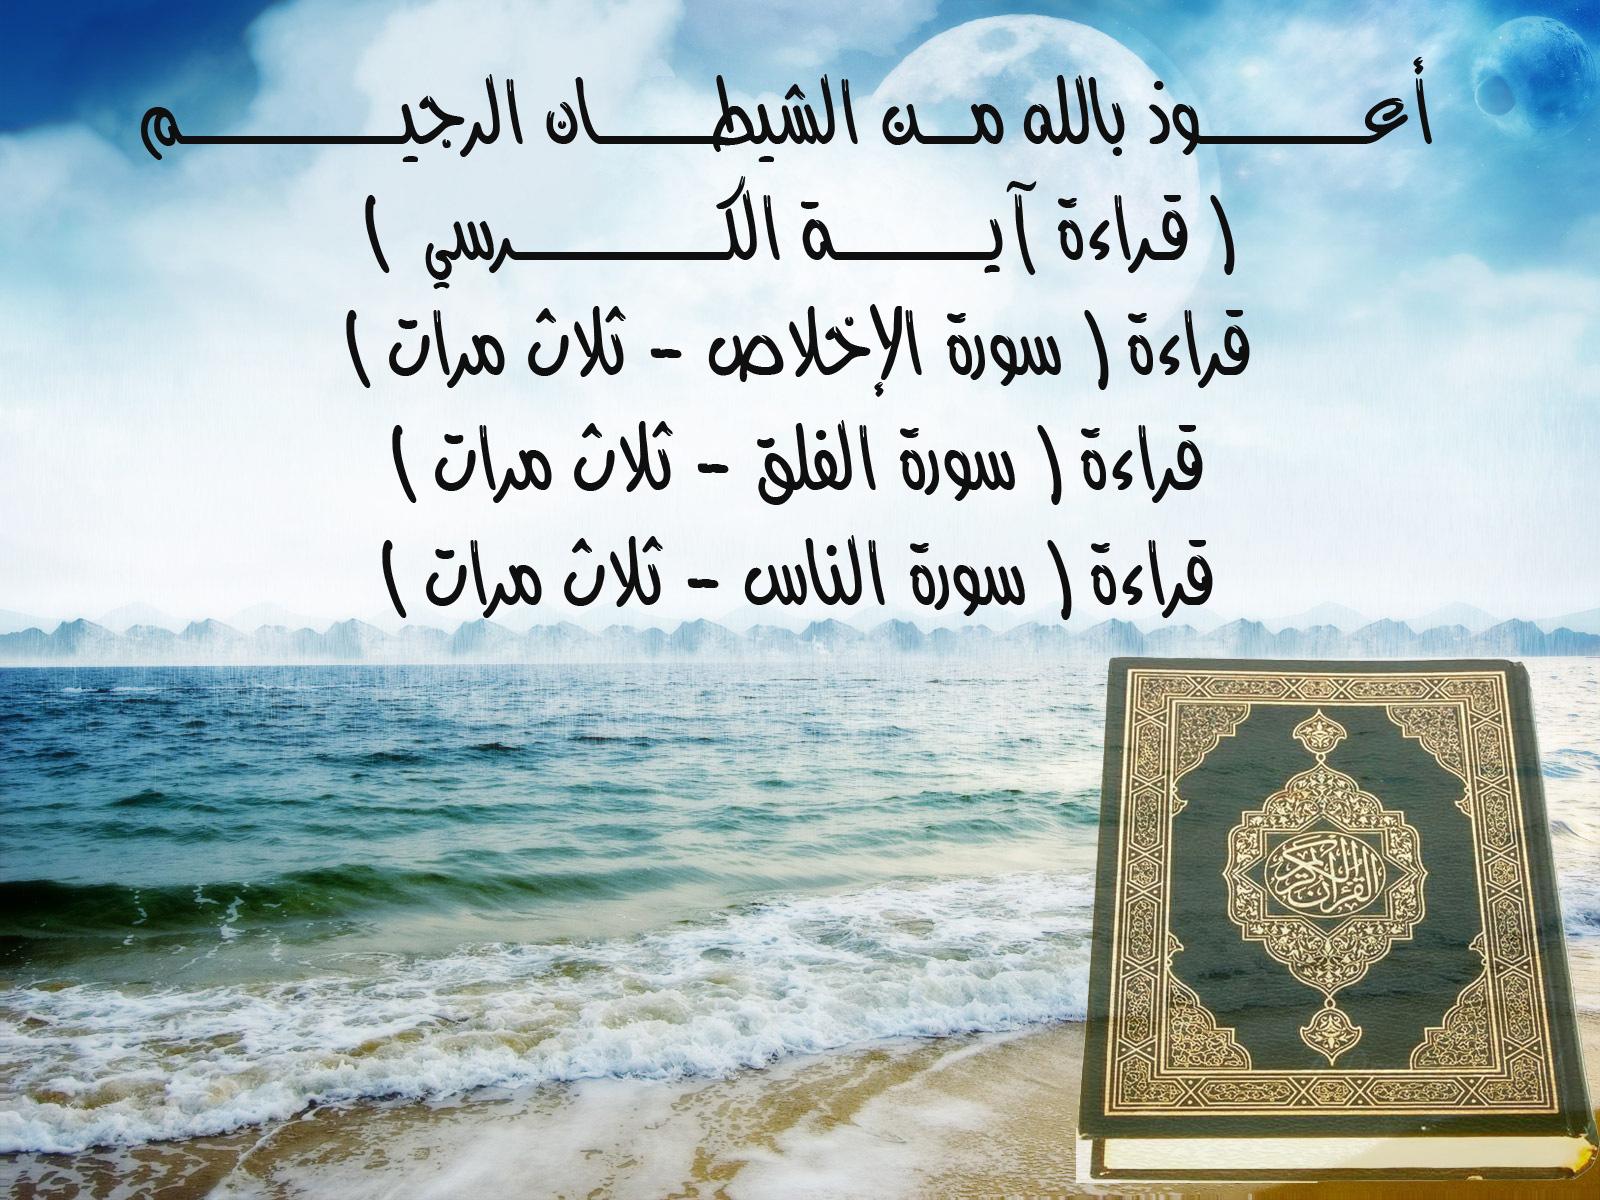 بالصور اجمل ادعية الصباح , اجمل الادعيه تقال عند الصباح 3507 11